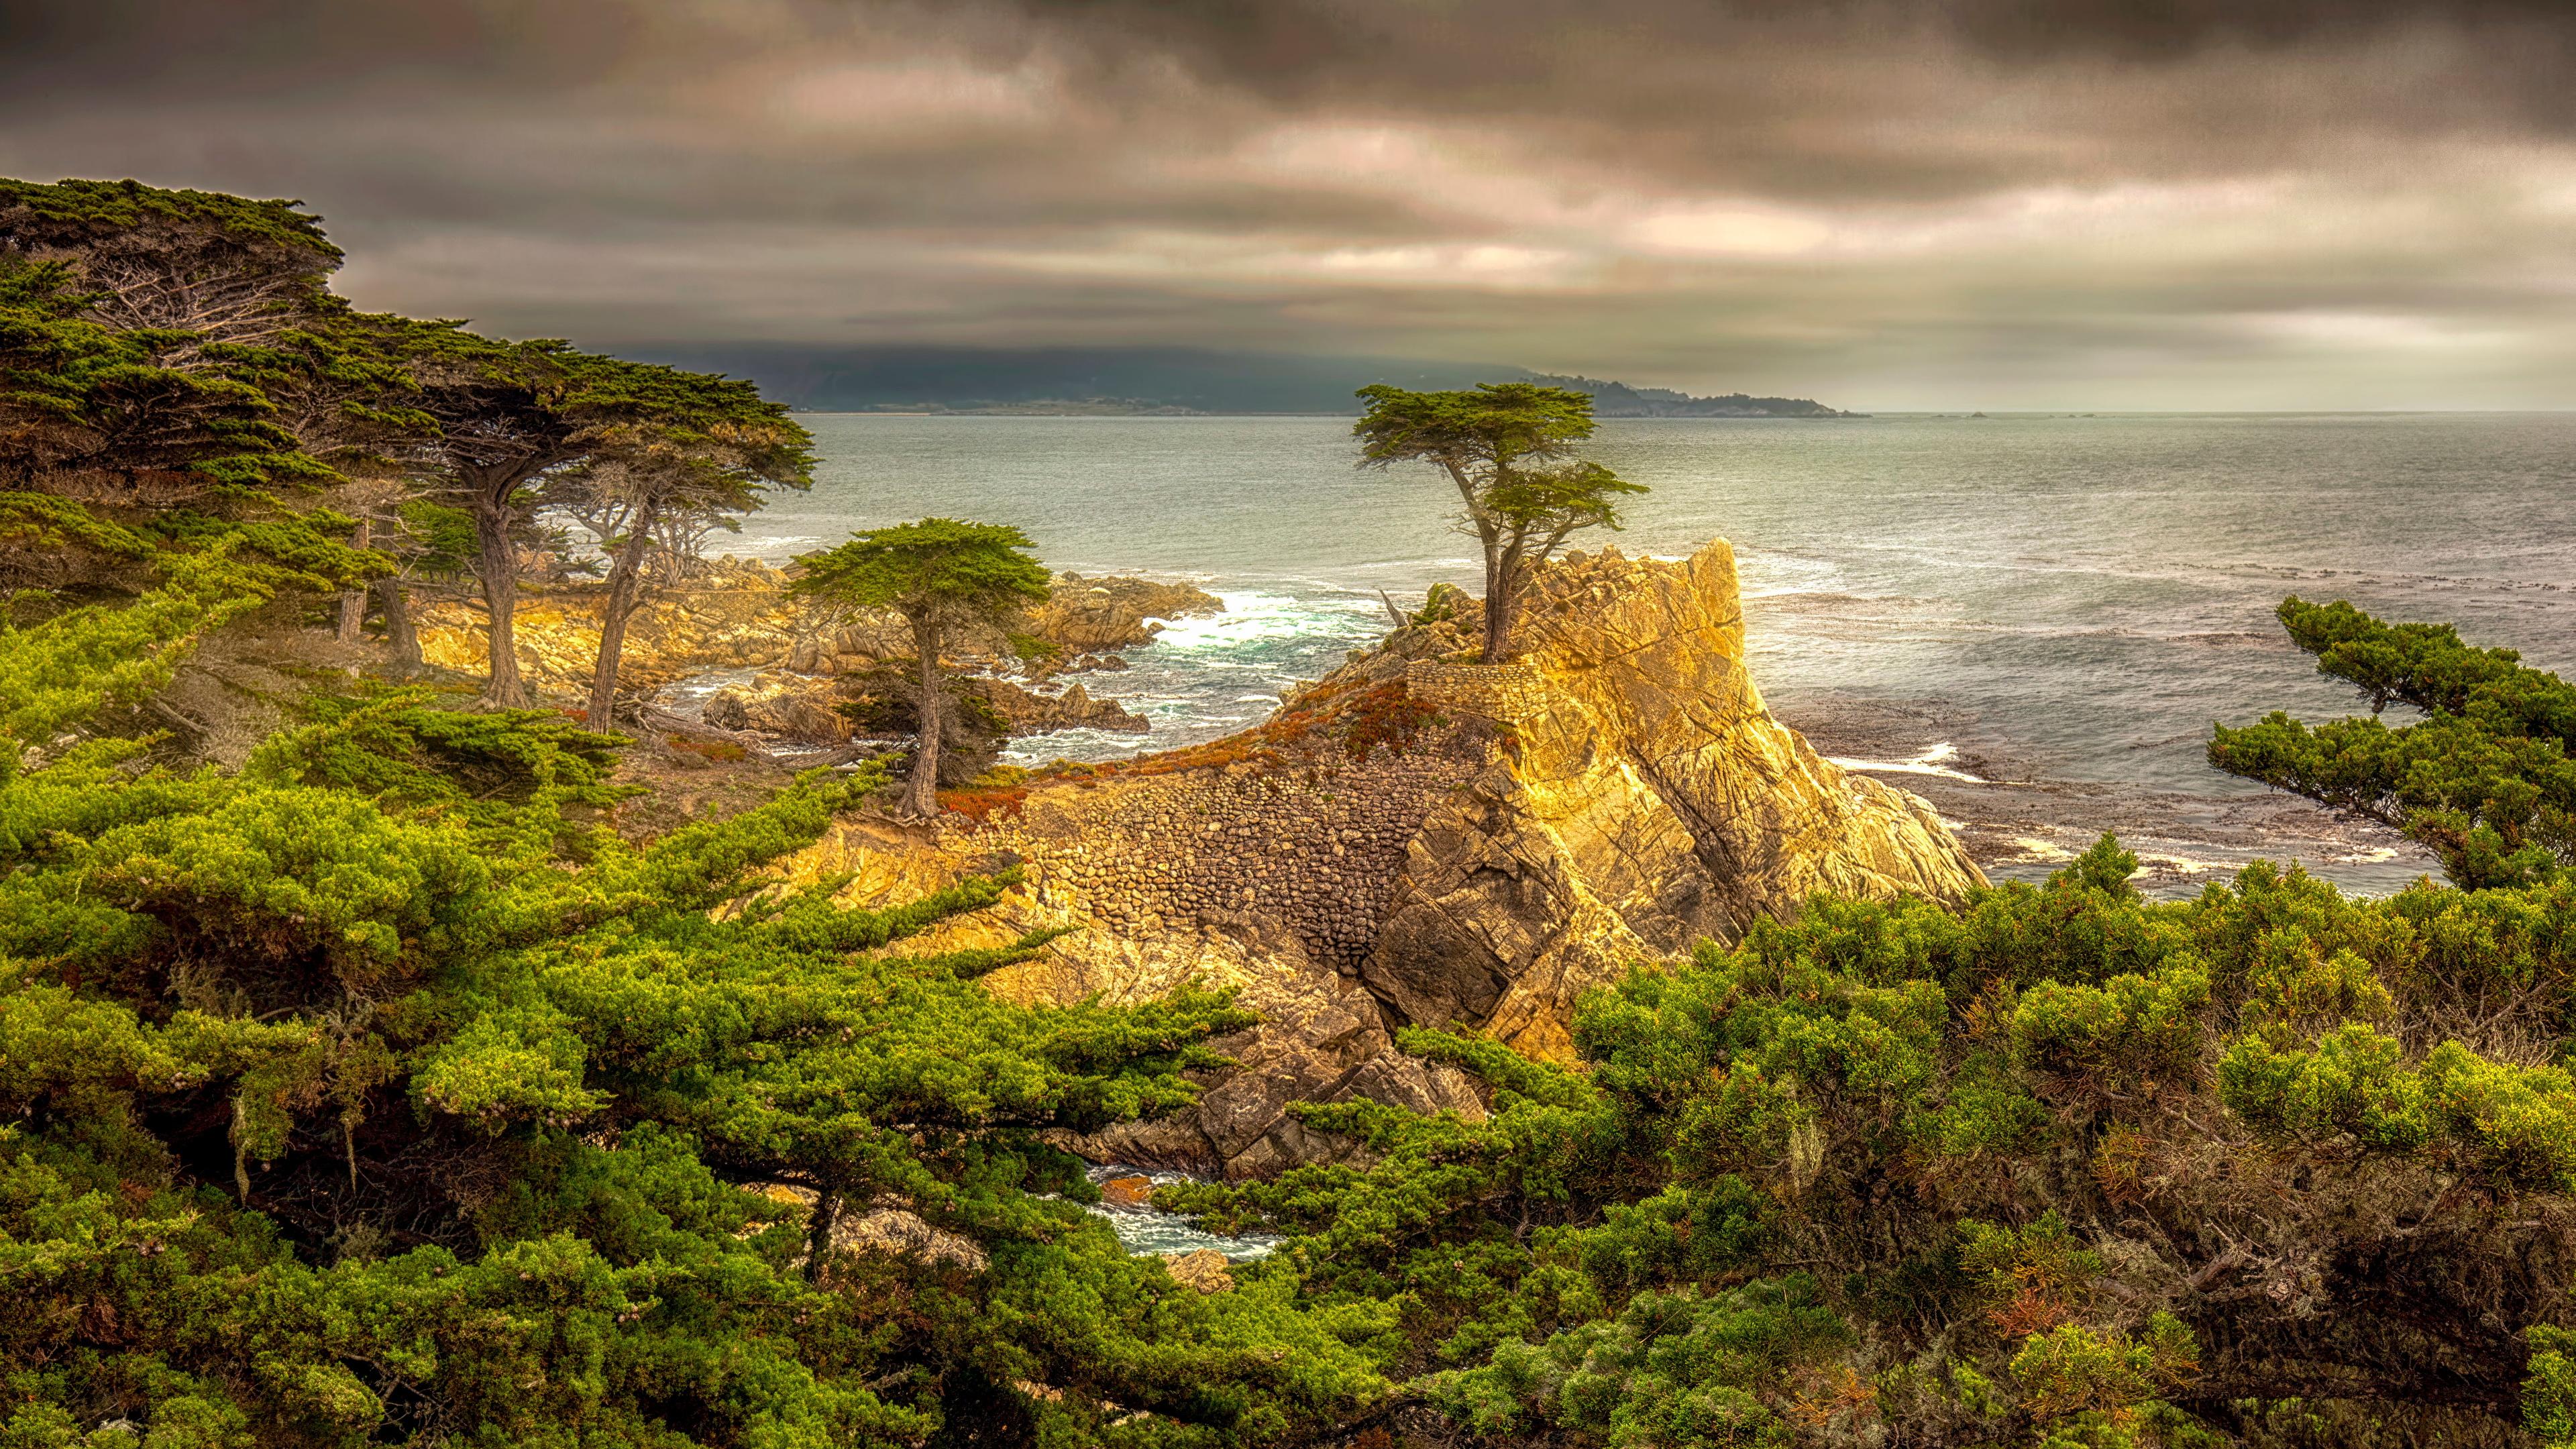 Desktop Hintergrundbilder Kalifornien USA HDR Natur Felsen Küste Wolke Bäume 3840x2160 Vereinigte Staaten HDRI